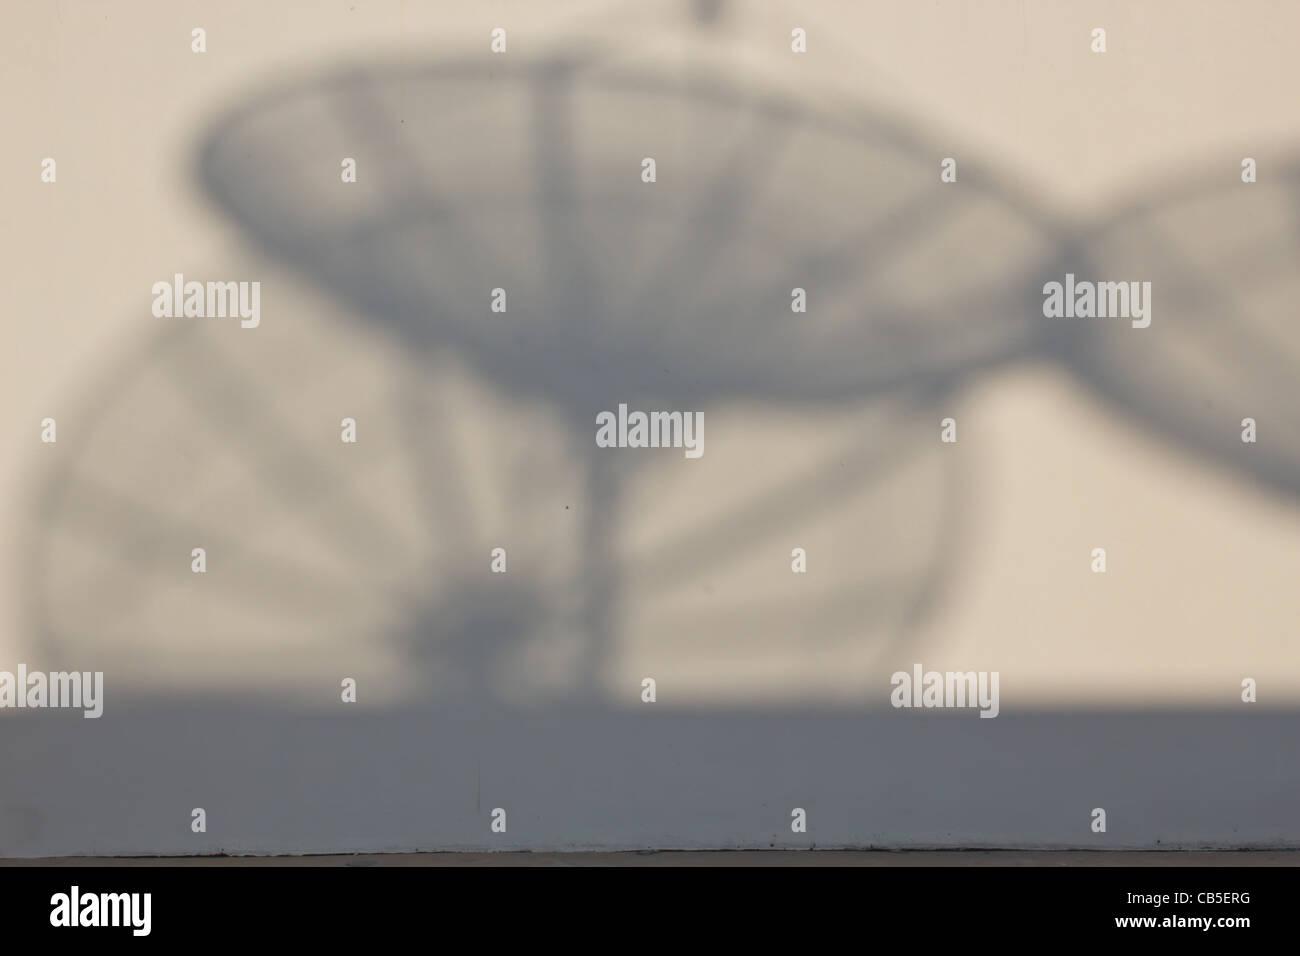 ,Conectar vía satélite, antena, azul, llamada célula, canal, comunicarse, comunicaciones, datos, Imagen De Stock